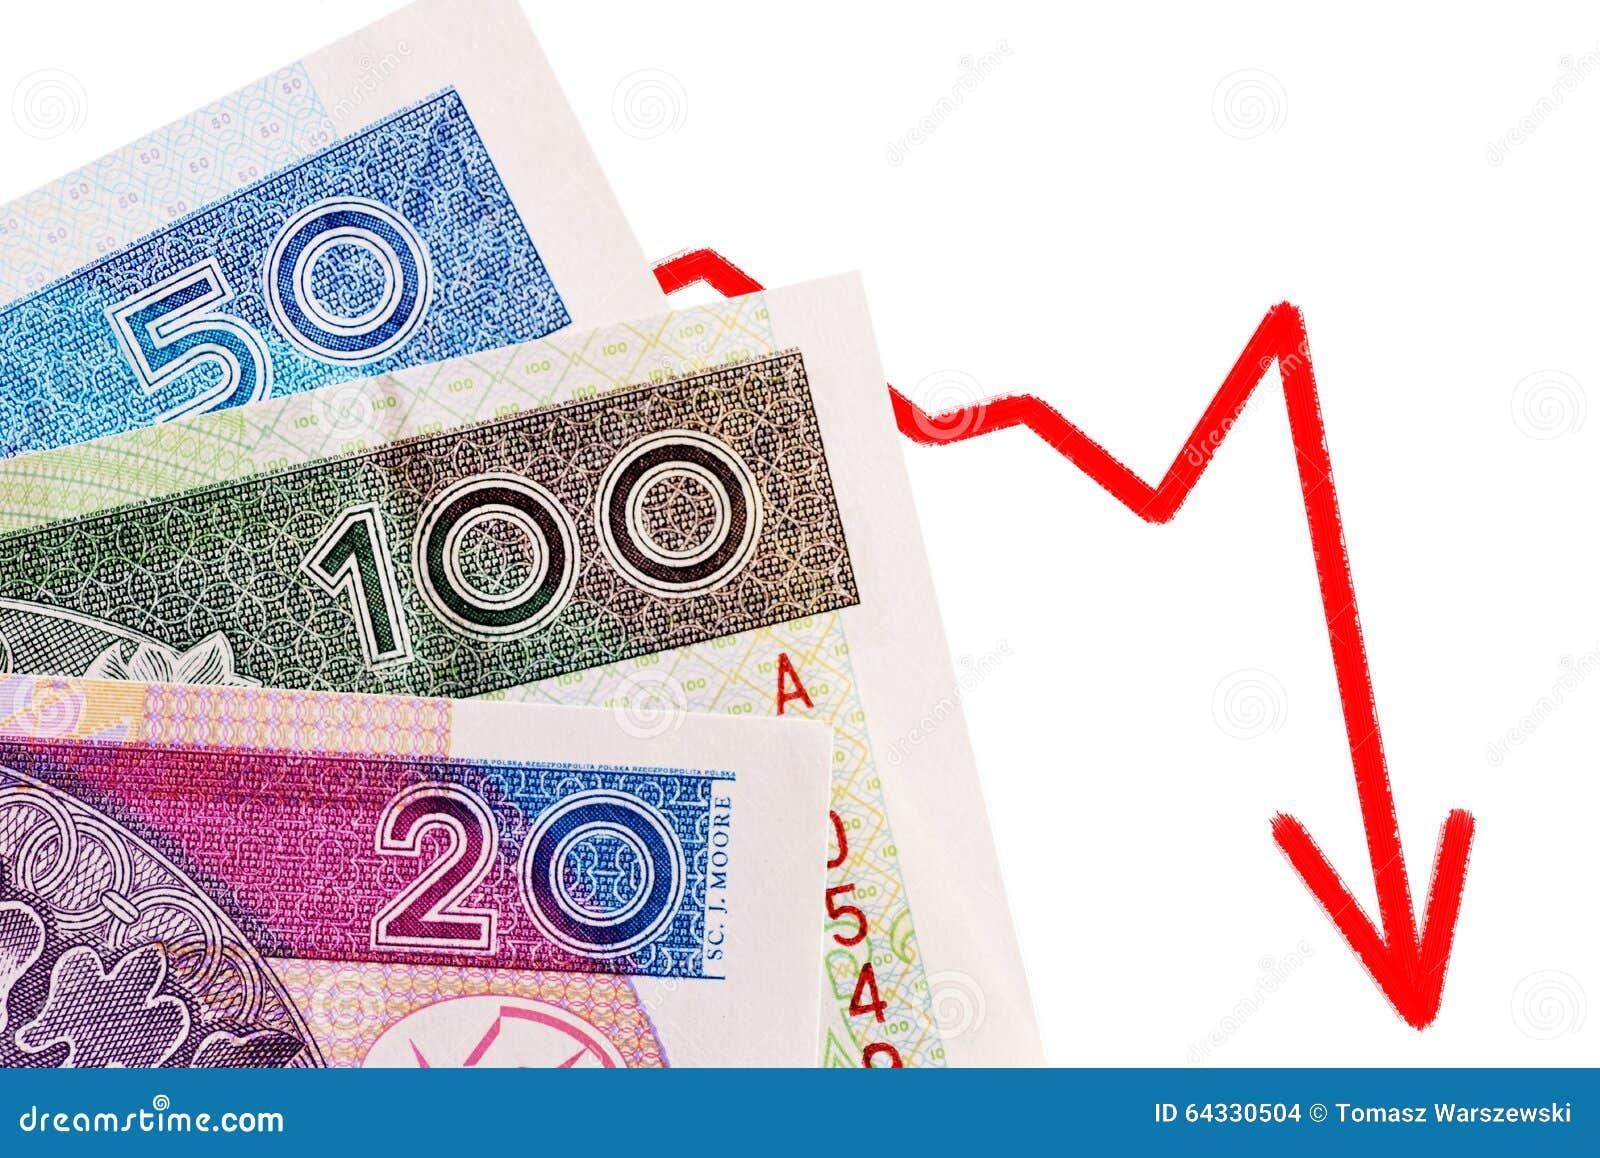 Polnisches Geld Stockfoto Bild Von Jährlich Geld Münzen 64330504